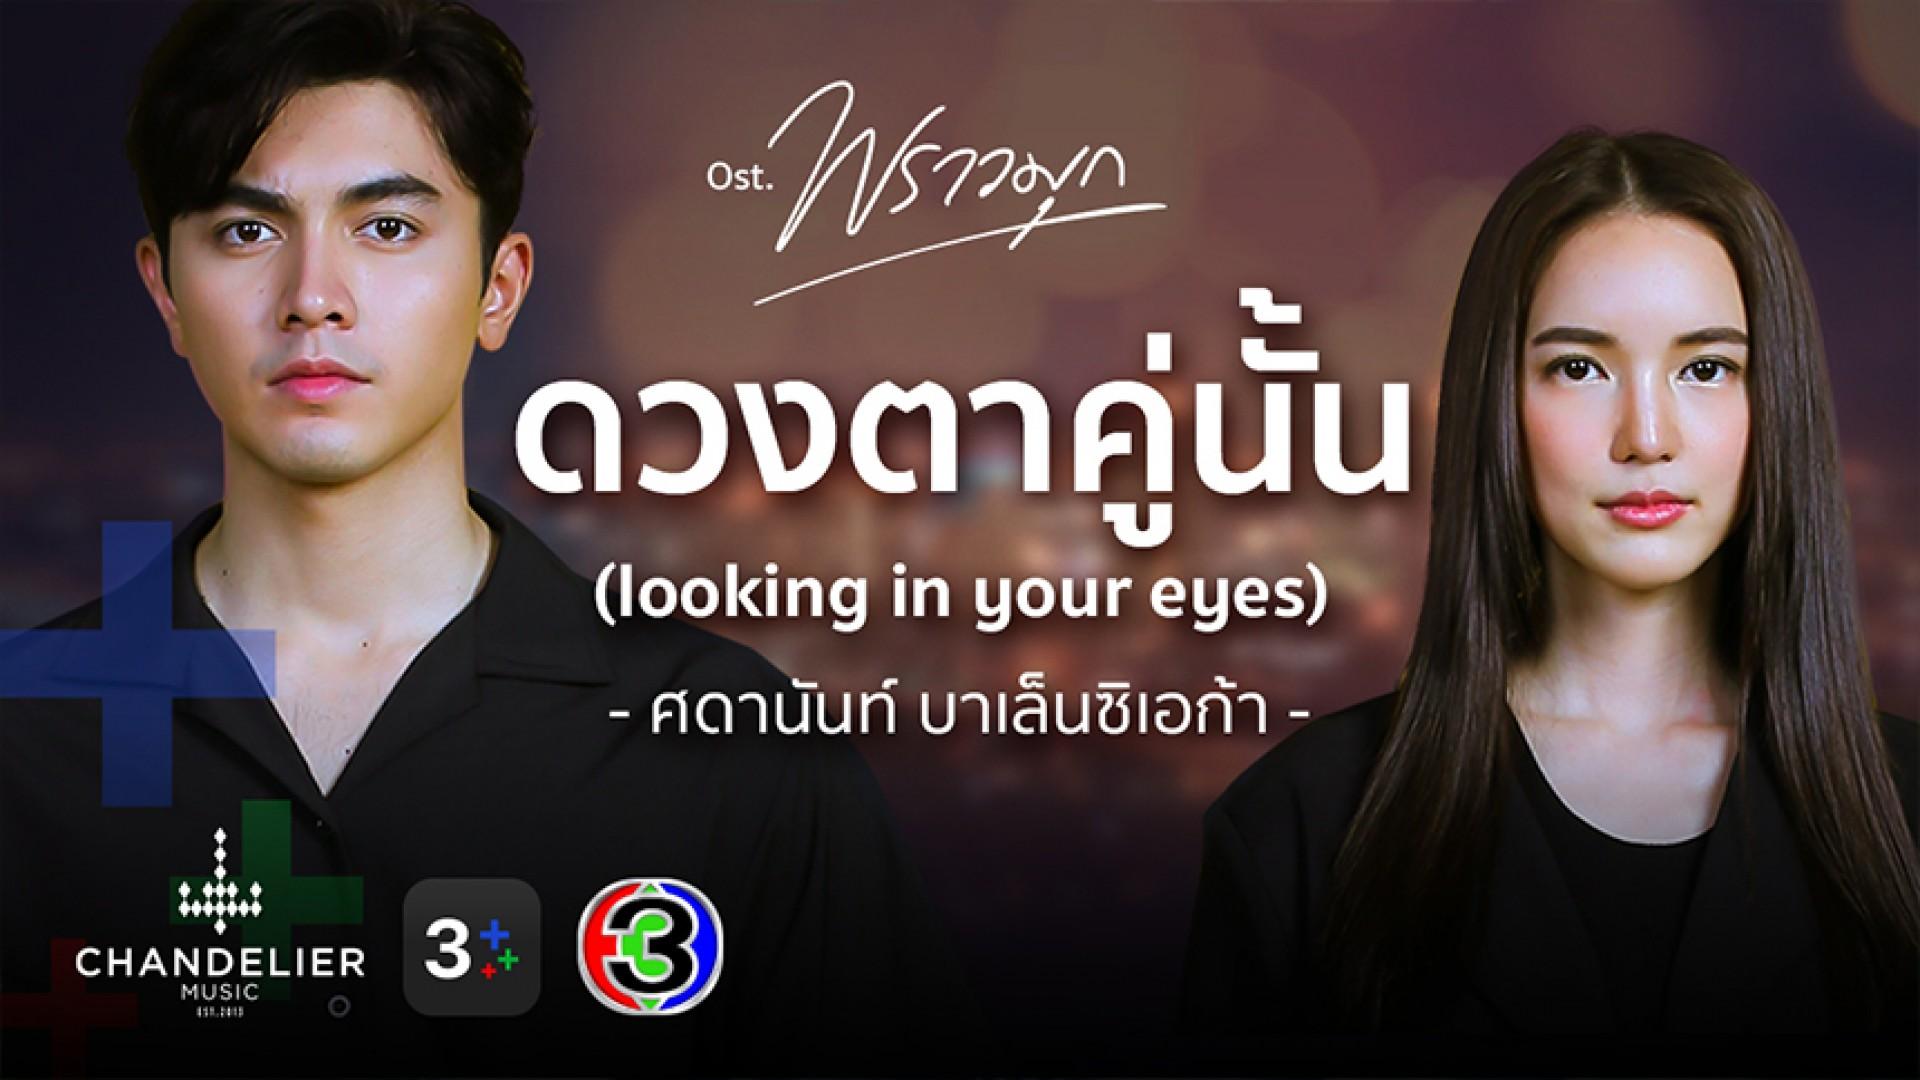 ดวงตาคู่นั้น (looking in your eyes) Ost.พราวมุก | ศดานันท์ บาเล็นซิเอก้า | Official MV